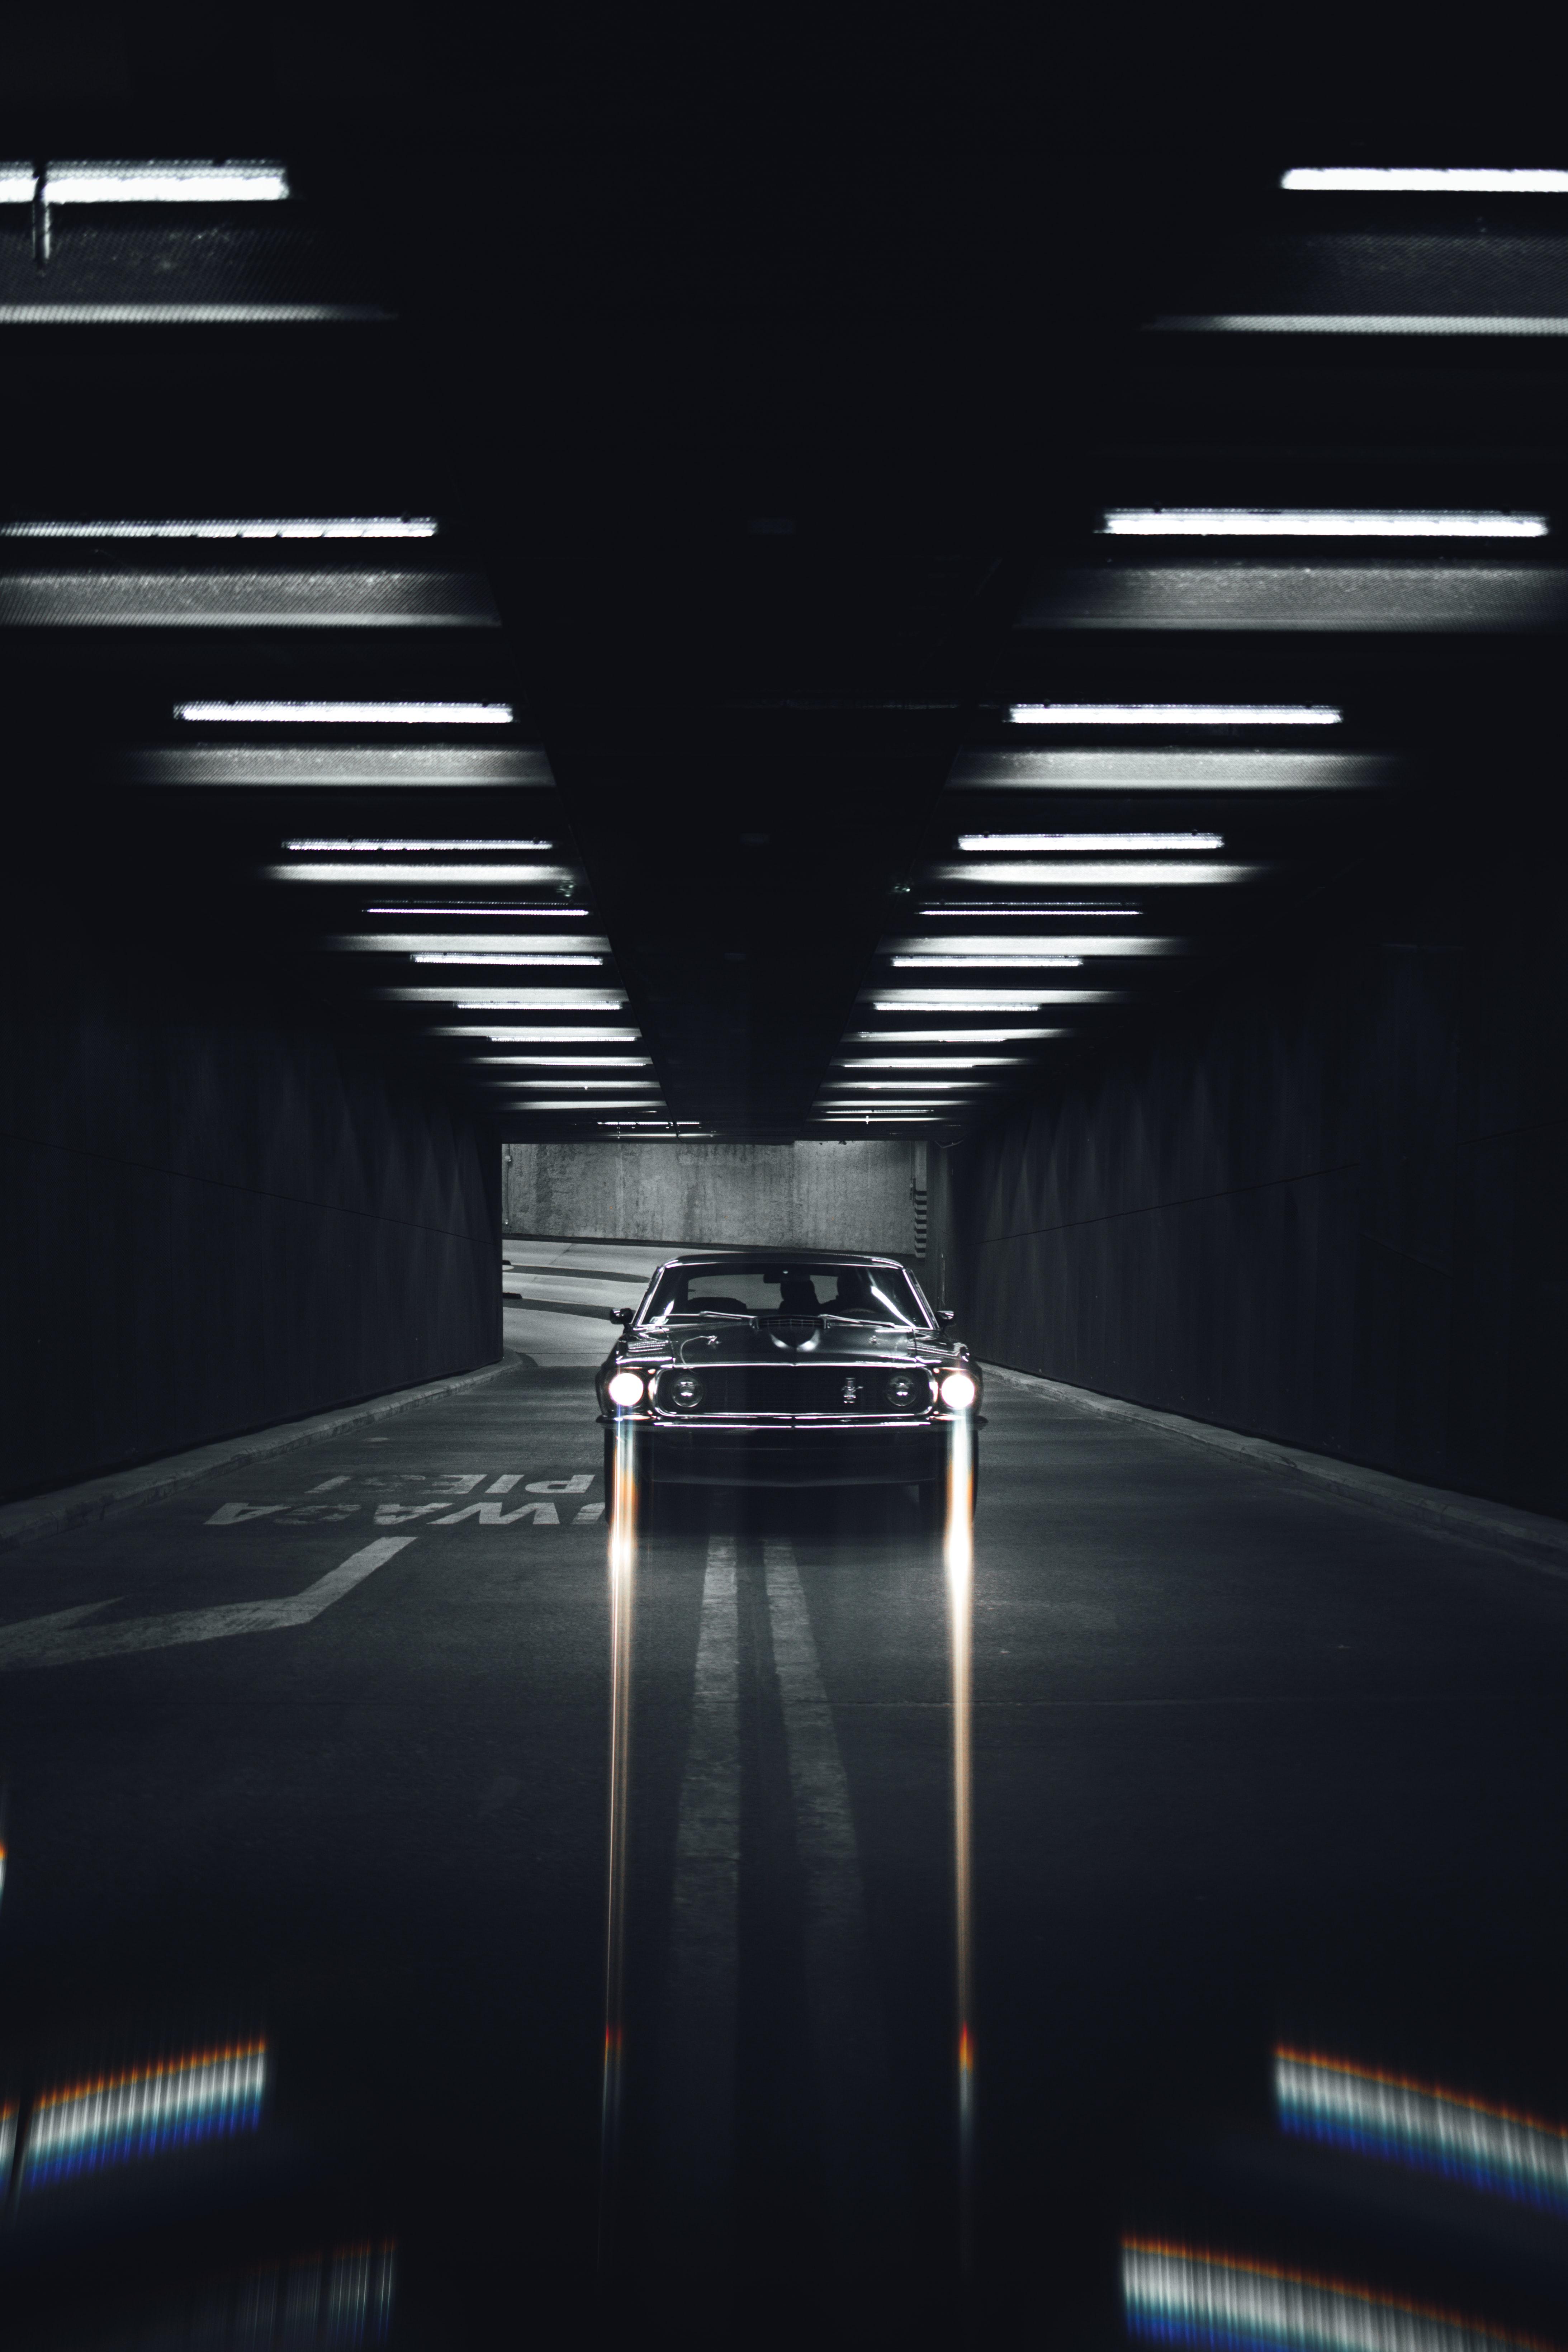 137053 скачать обои Мустанг (Mustang), Тачки (Cars), Дорога, Автомобиль, Черный, Тоннель - заставки и картинки бесплатно